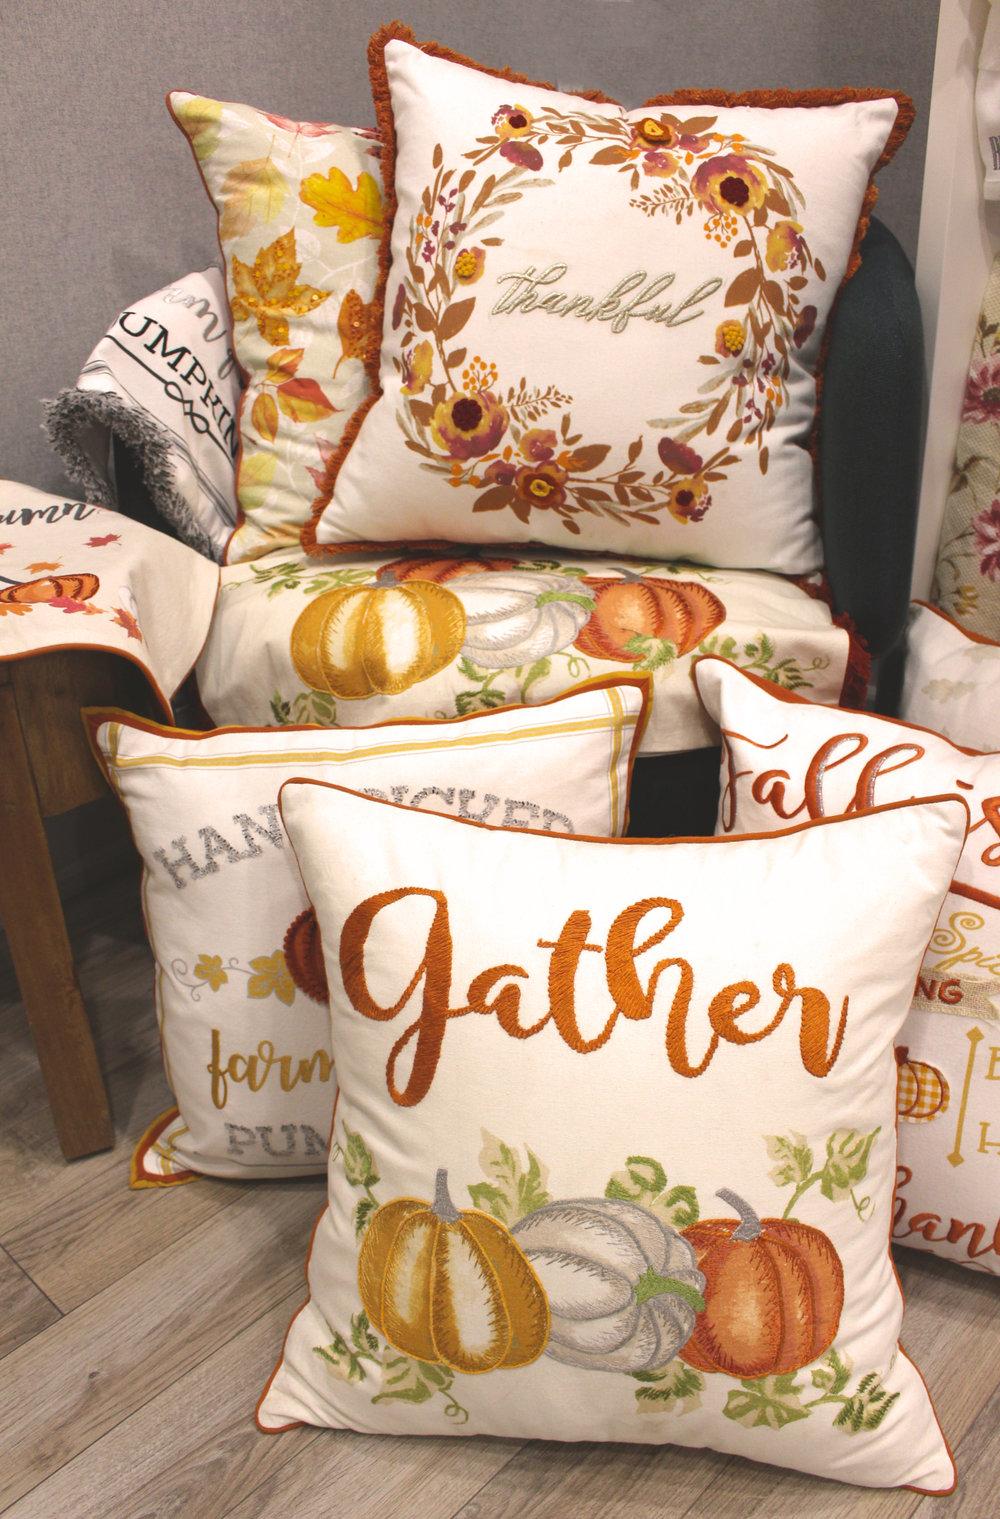 Harvest pillows.jpg